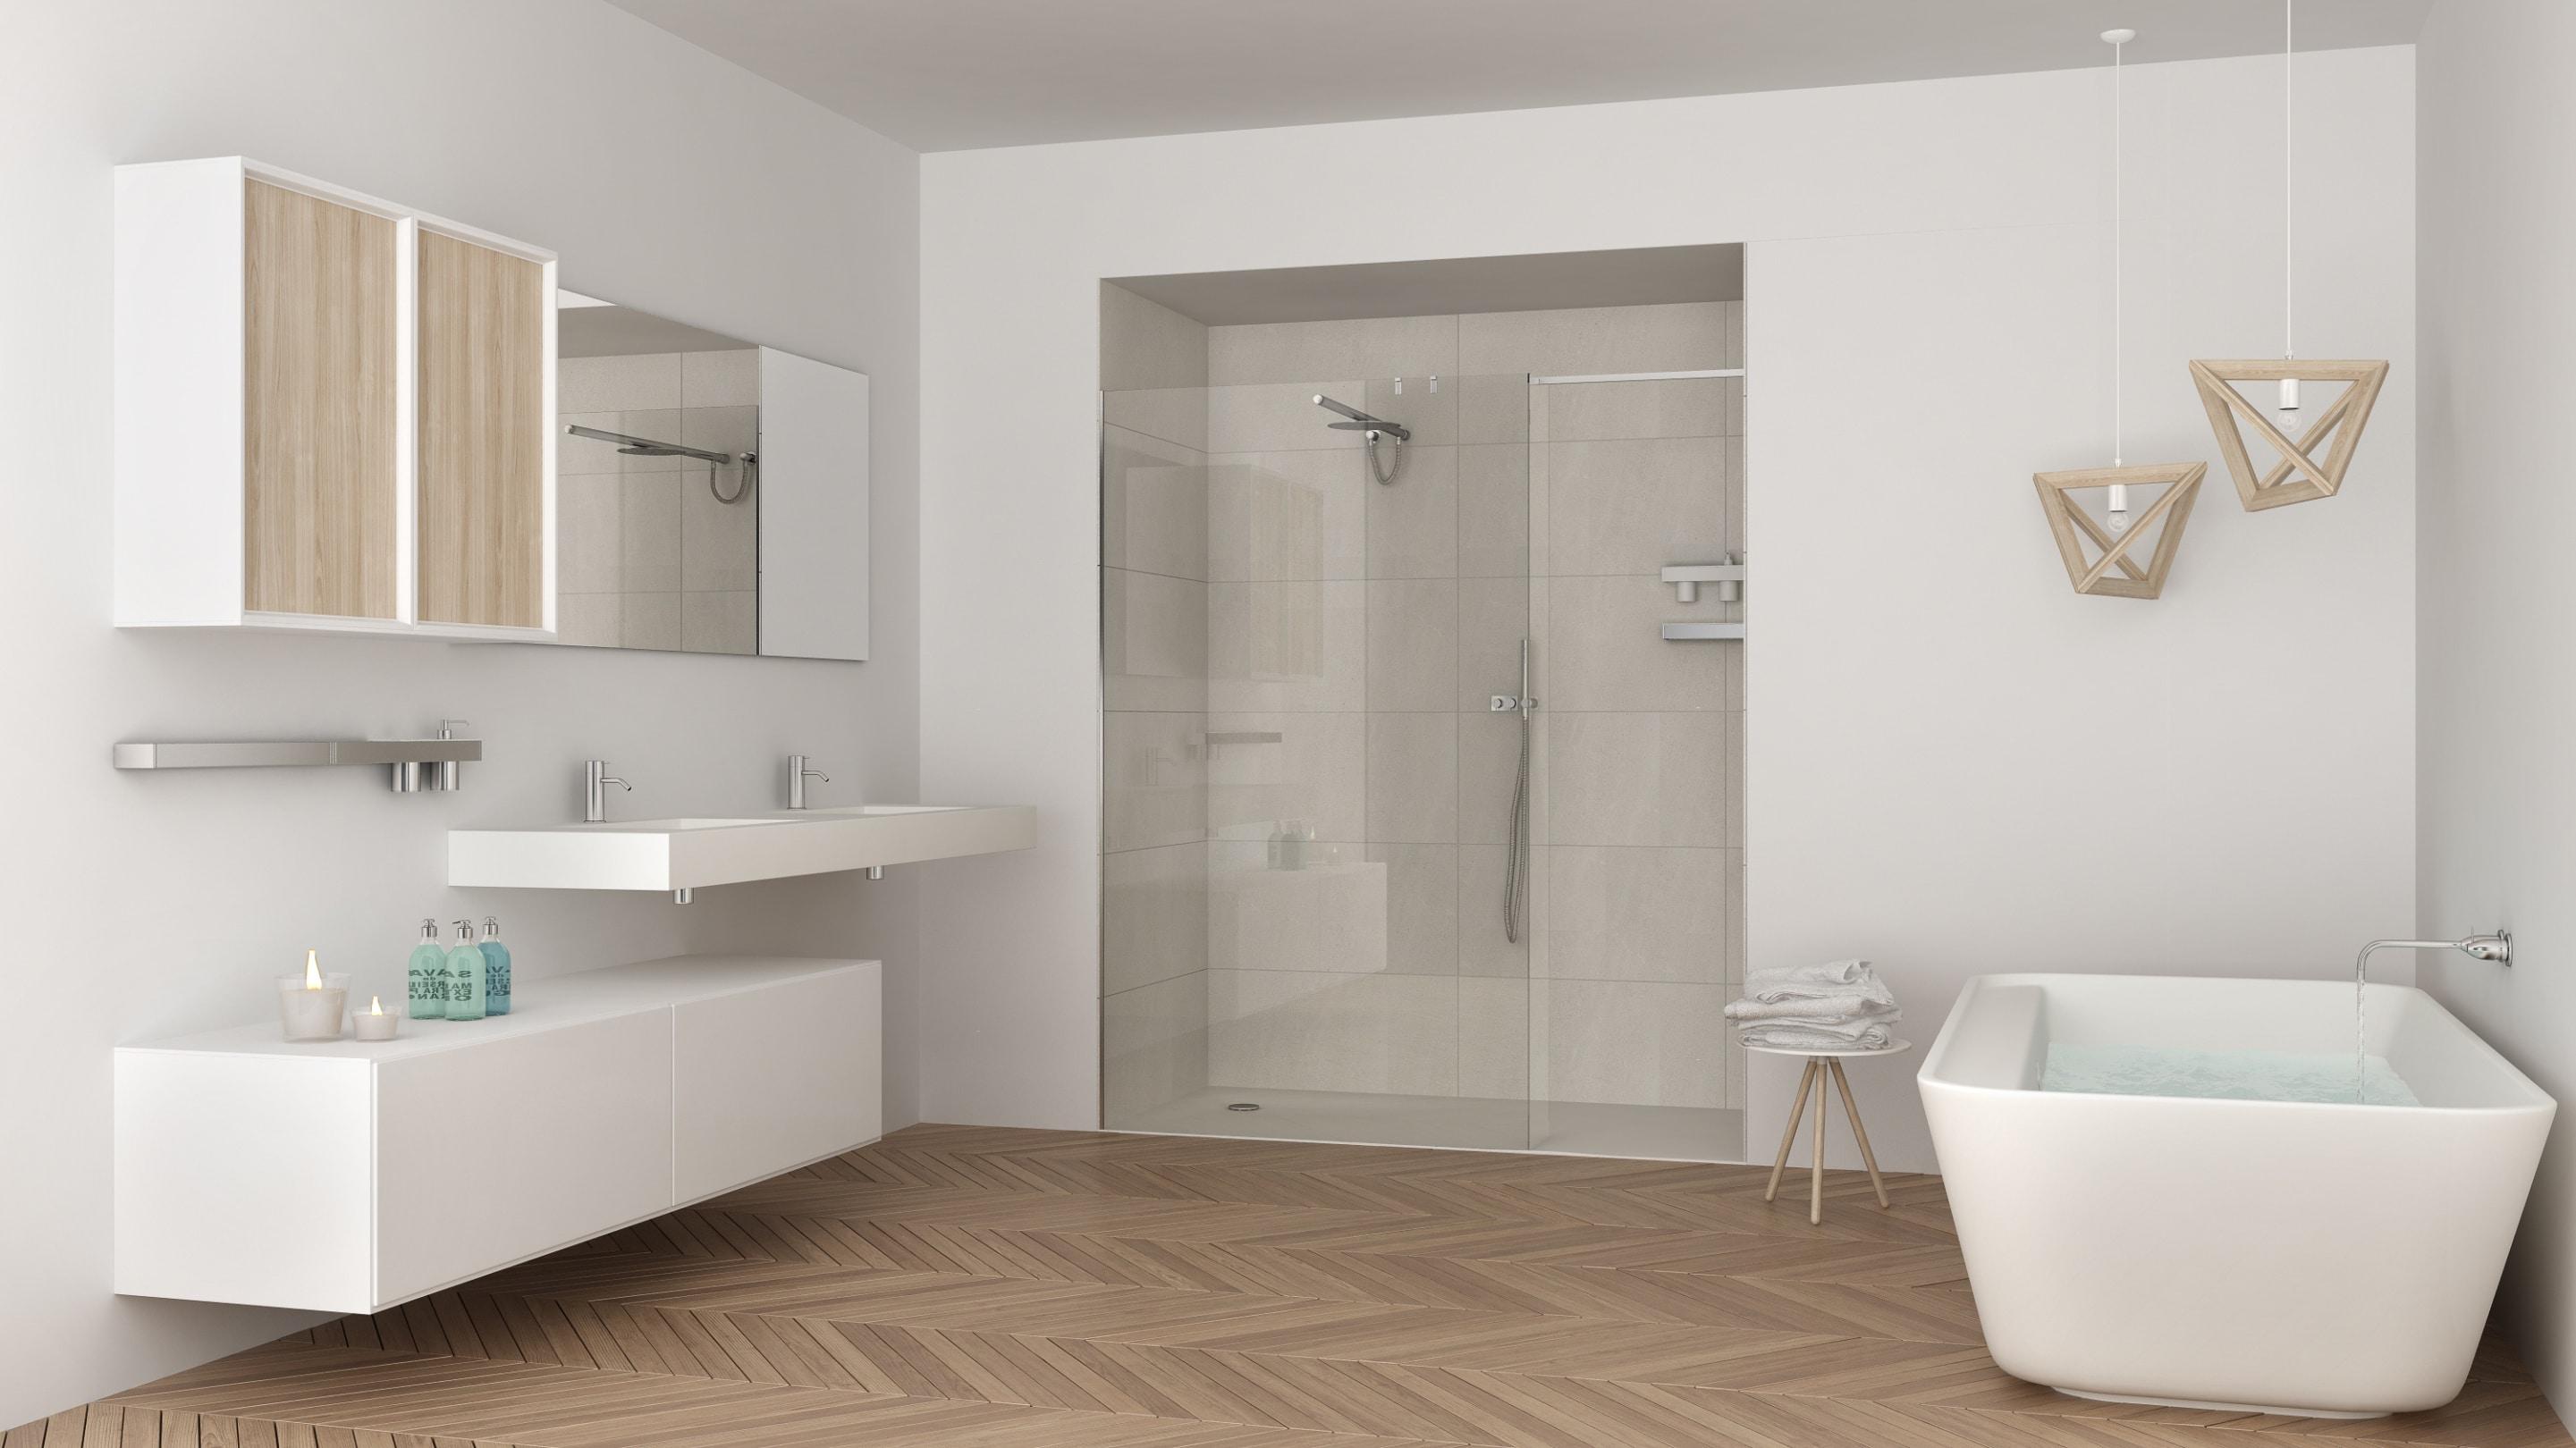 Salle De Bain Et Wc Dans Espace Reduit prix d'un meuble de salle de bain